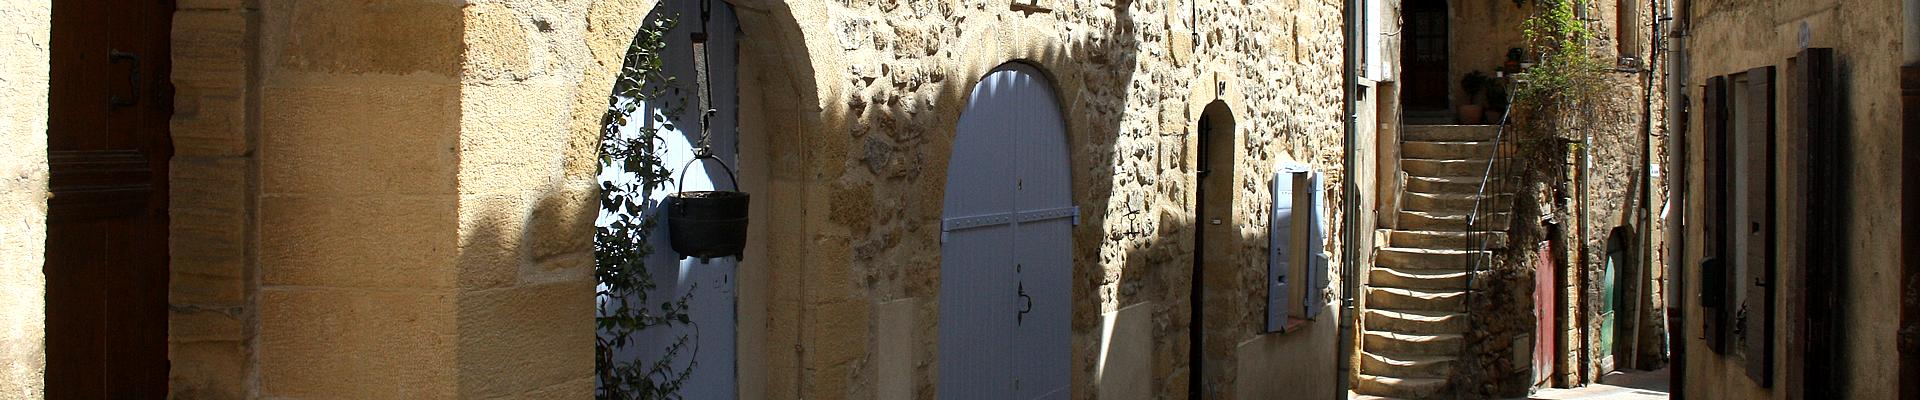 portail_facade_escalier_IMG_0051